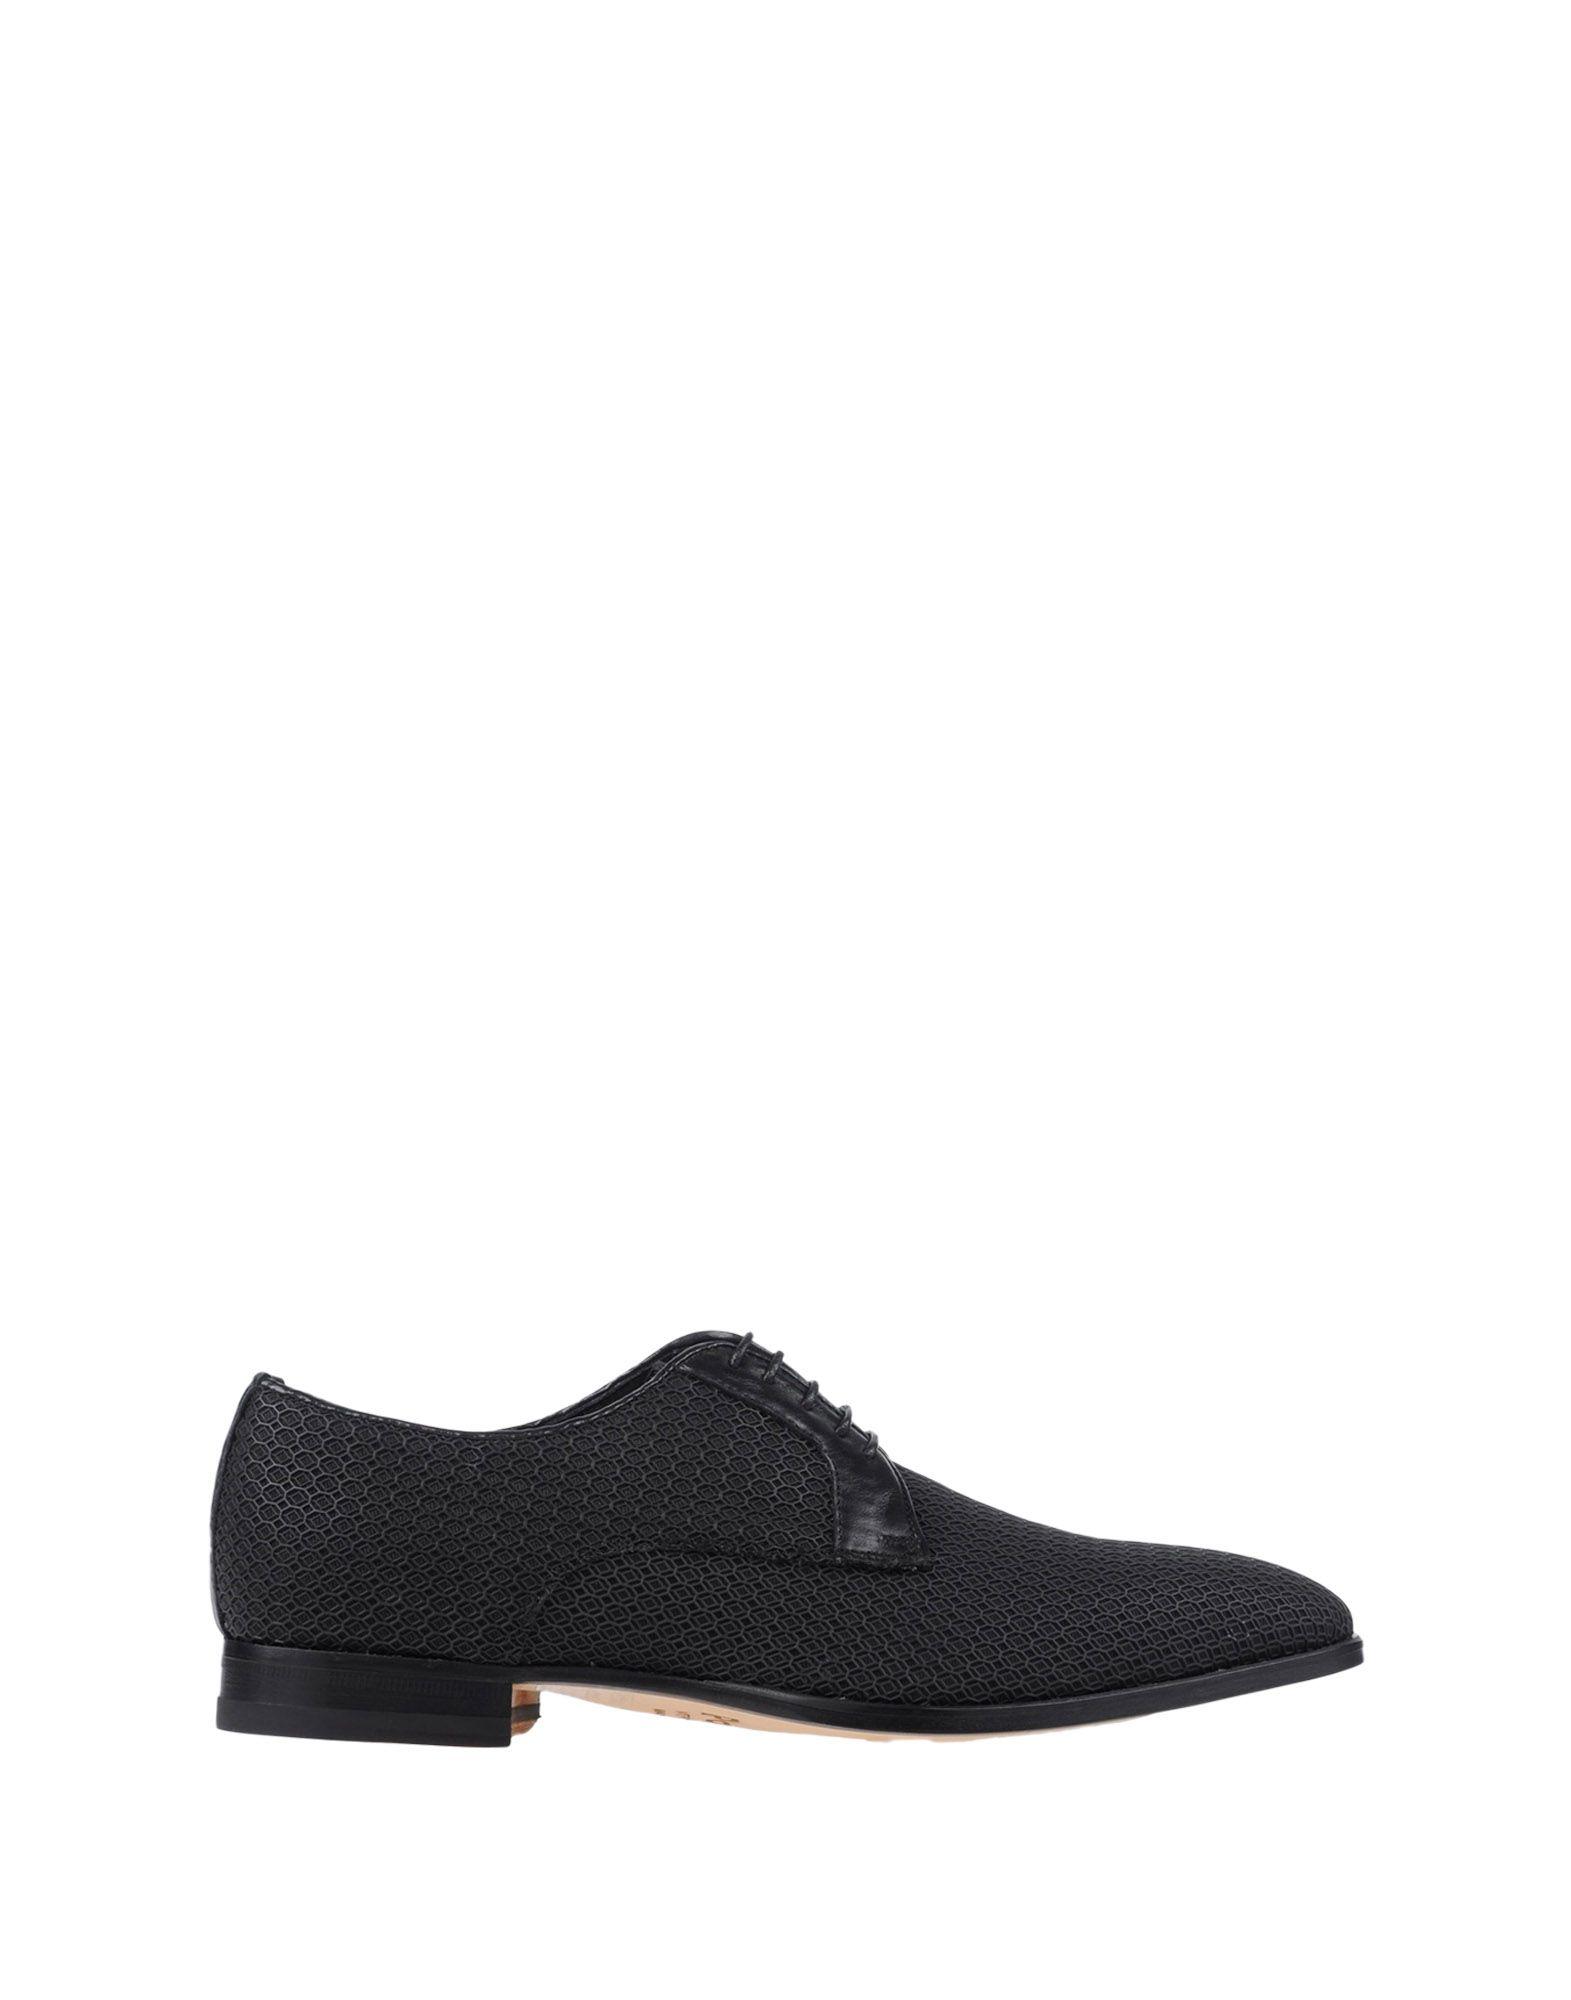 Pollini Schnürschuhe Gute Herren  11331674AF Gute Schnürschuhe Qualität beliebte Schuhe 9a8ebe